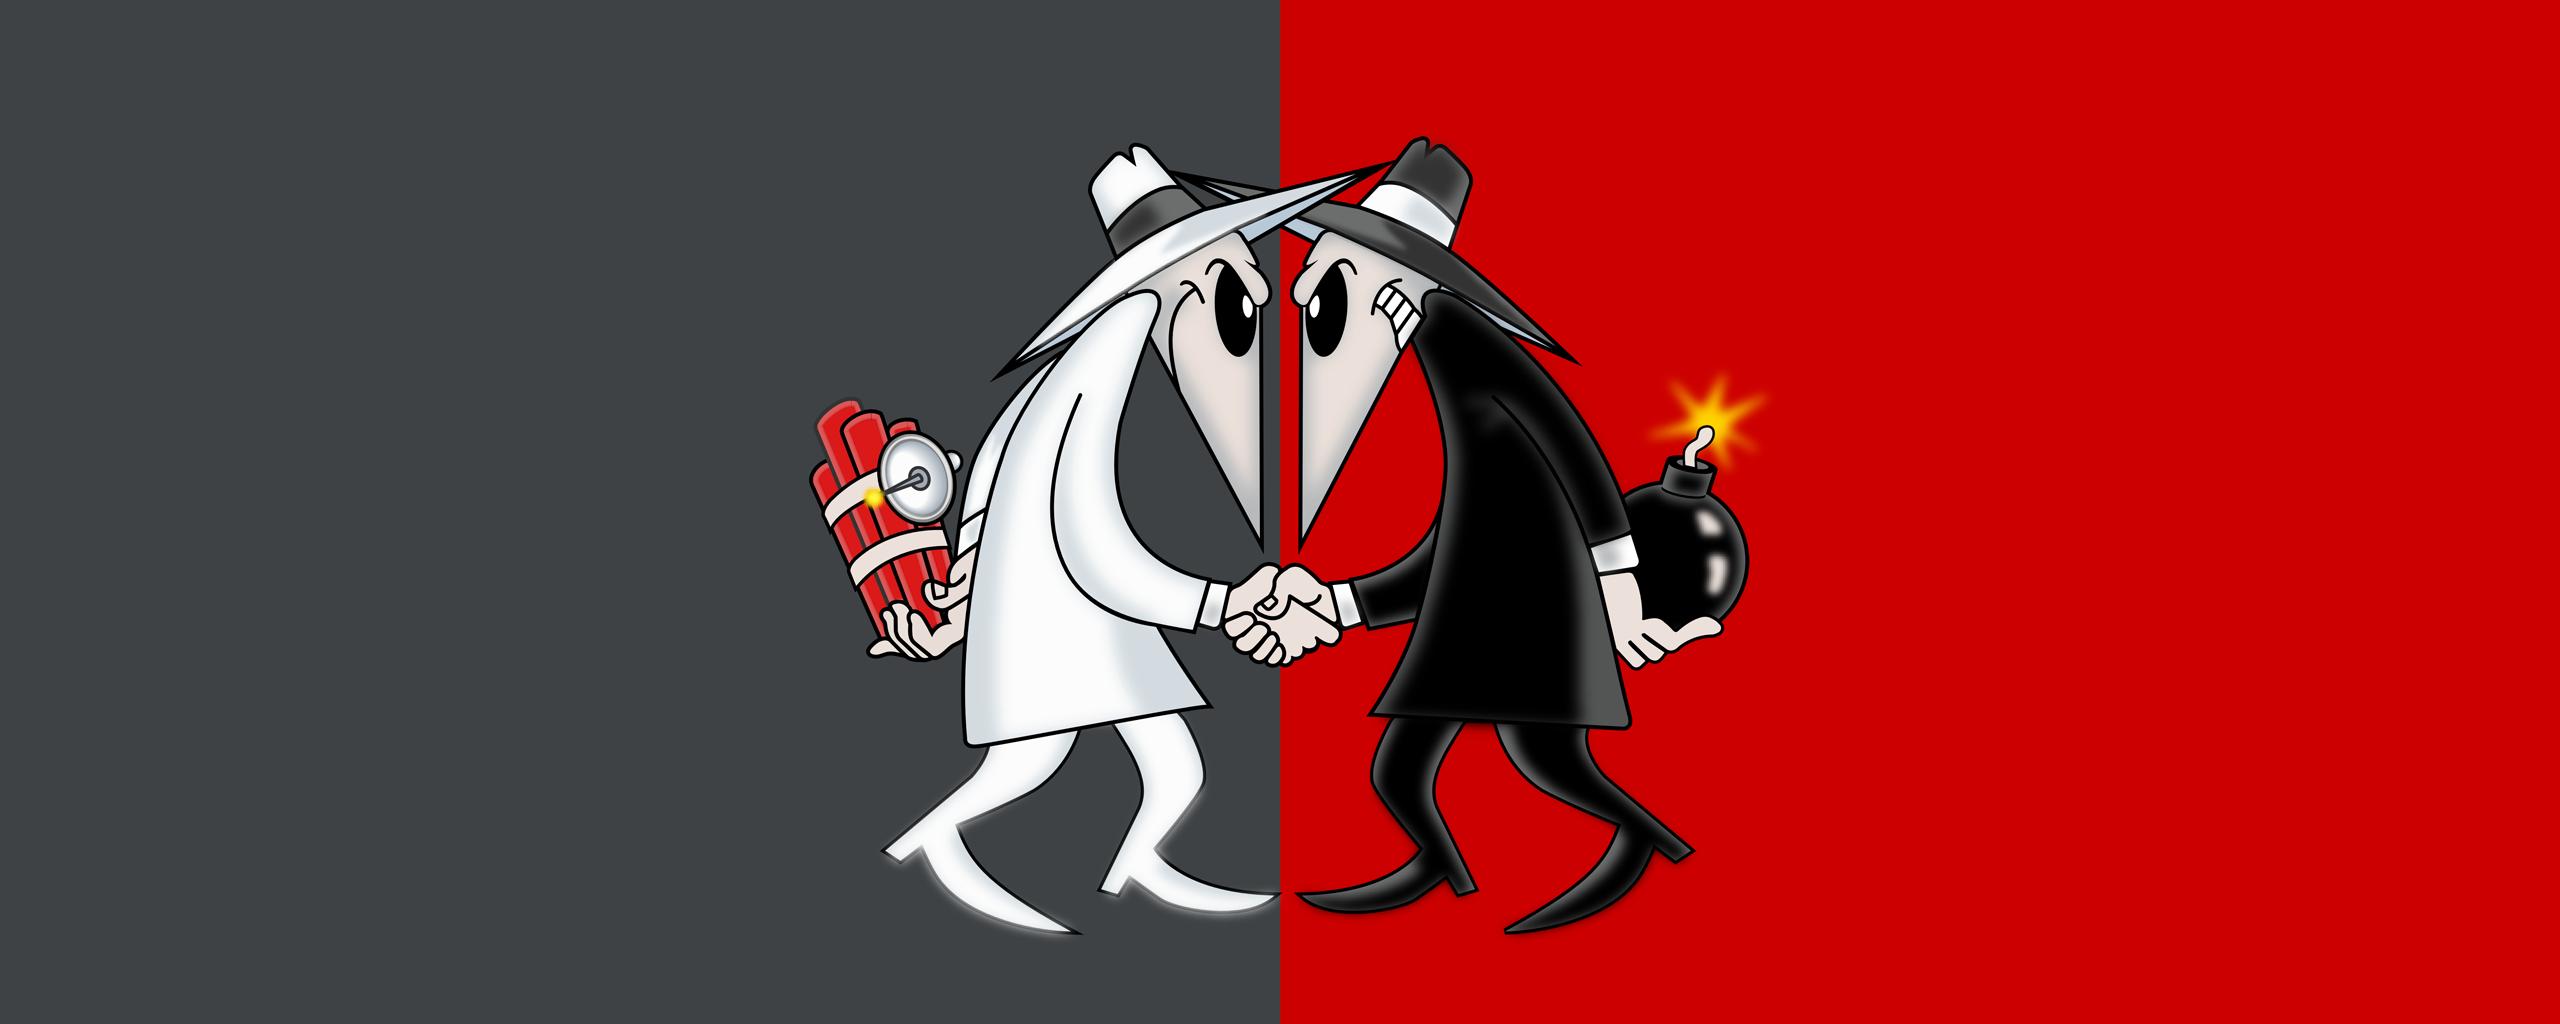 Spy vs Spy WallPaper 2560X1024 by Zarious